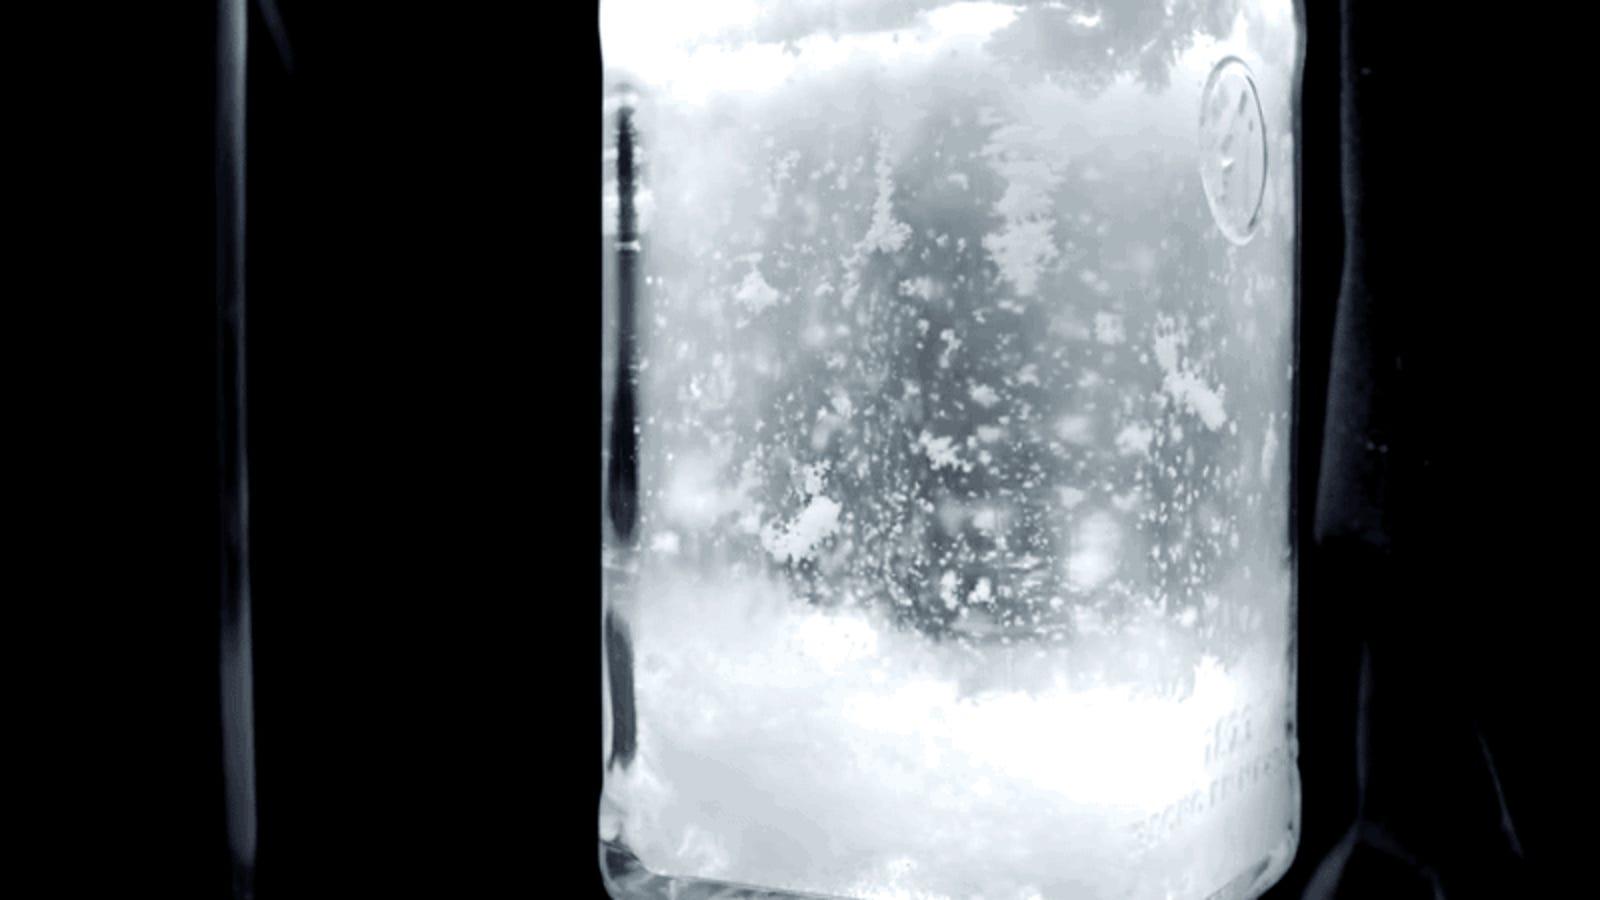 Cómo hacer que nieve dentro de una botella con solo vodka y un puñado de elementos químicos